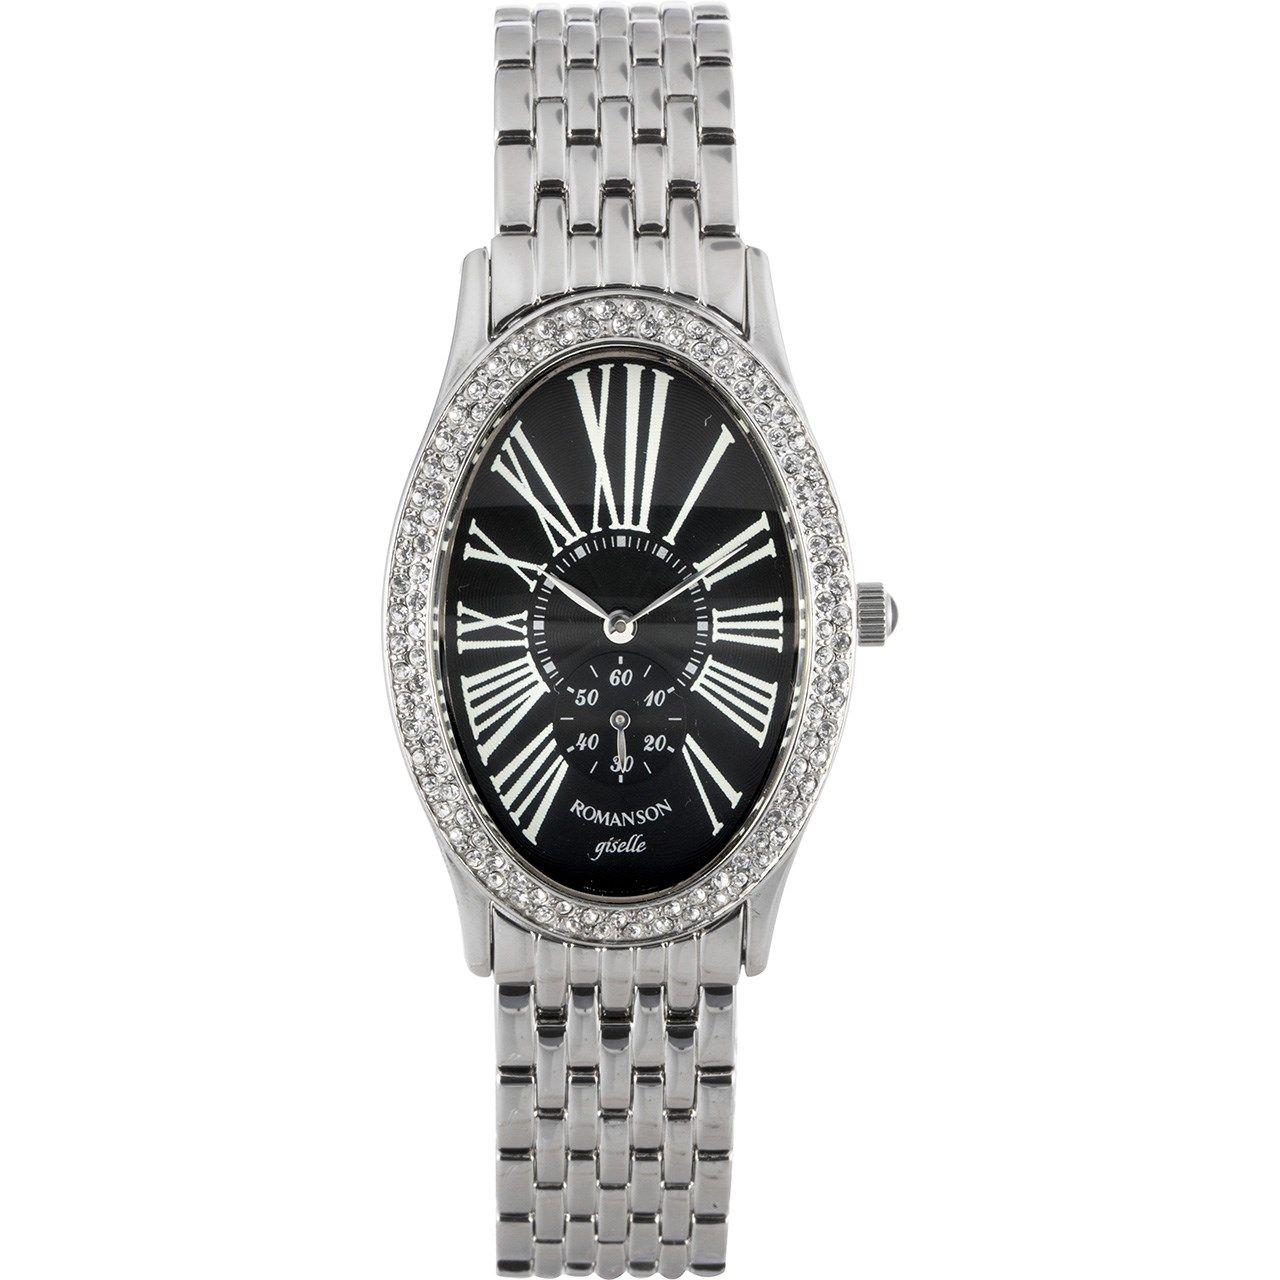 ساعت مچی عقربه ای زنانه رومانسون مدل RM9904TL1WA37W -  - 1